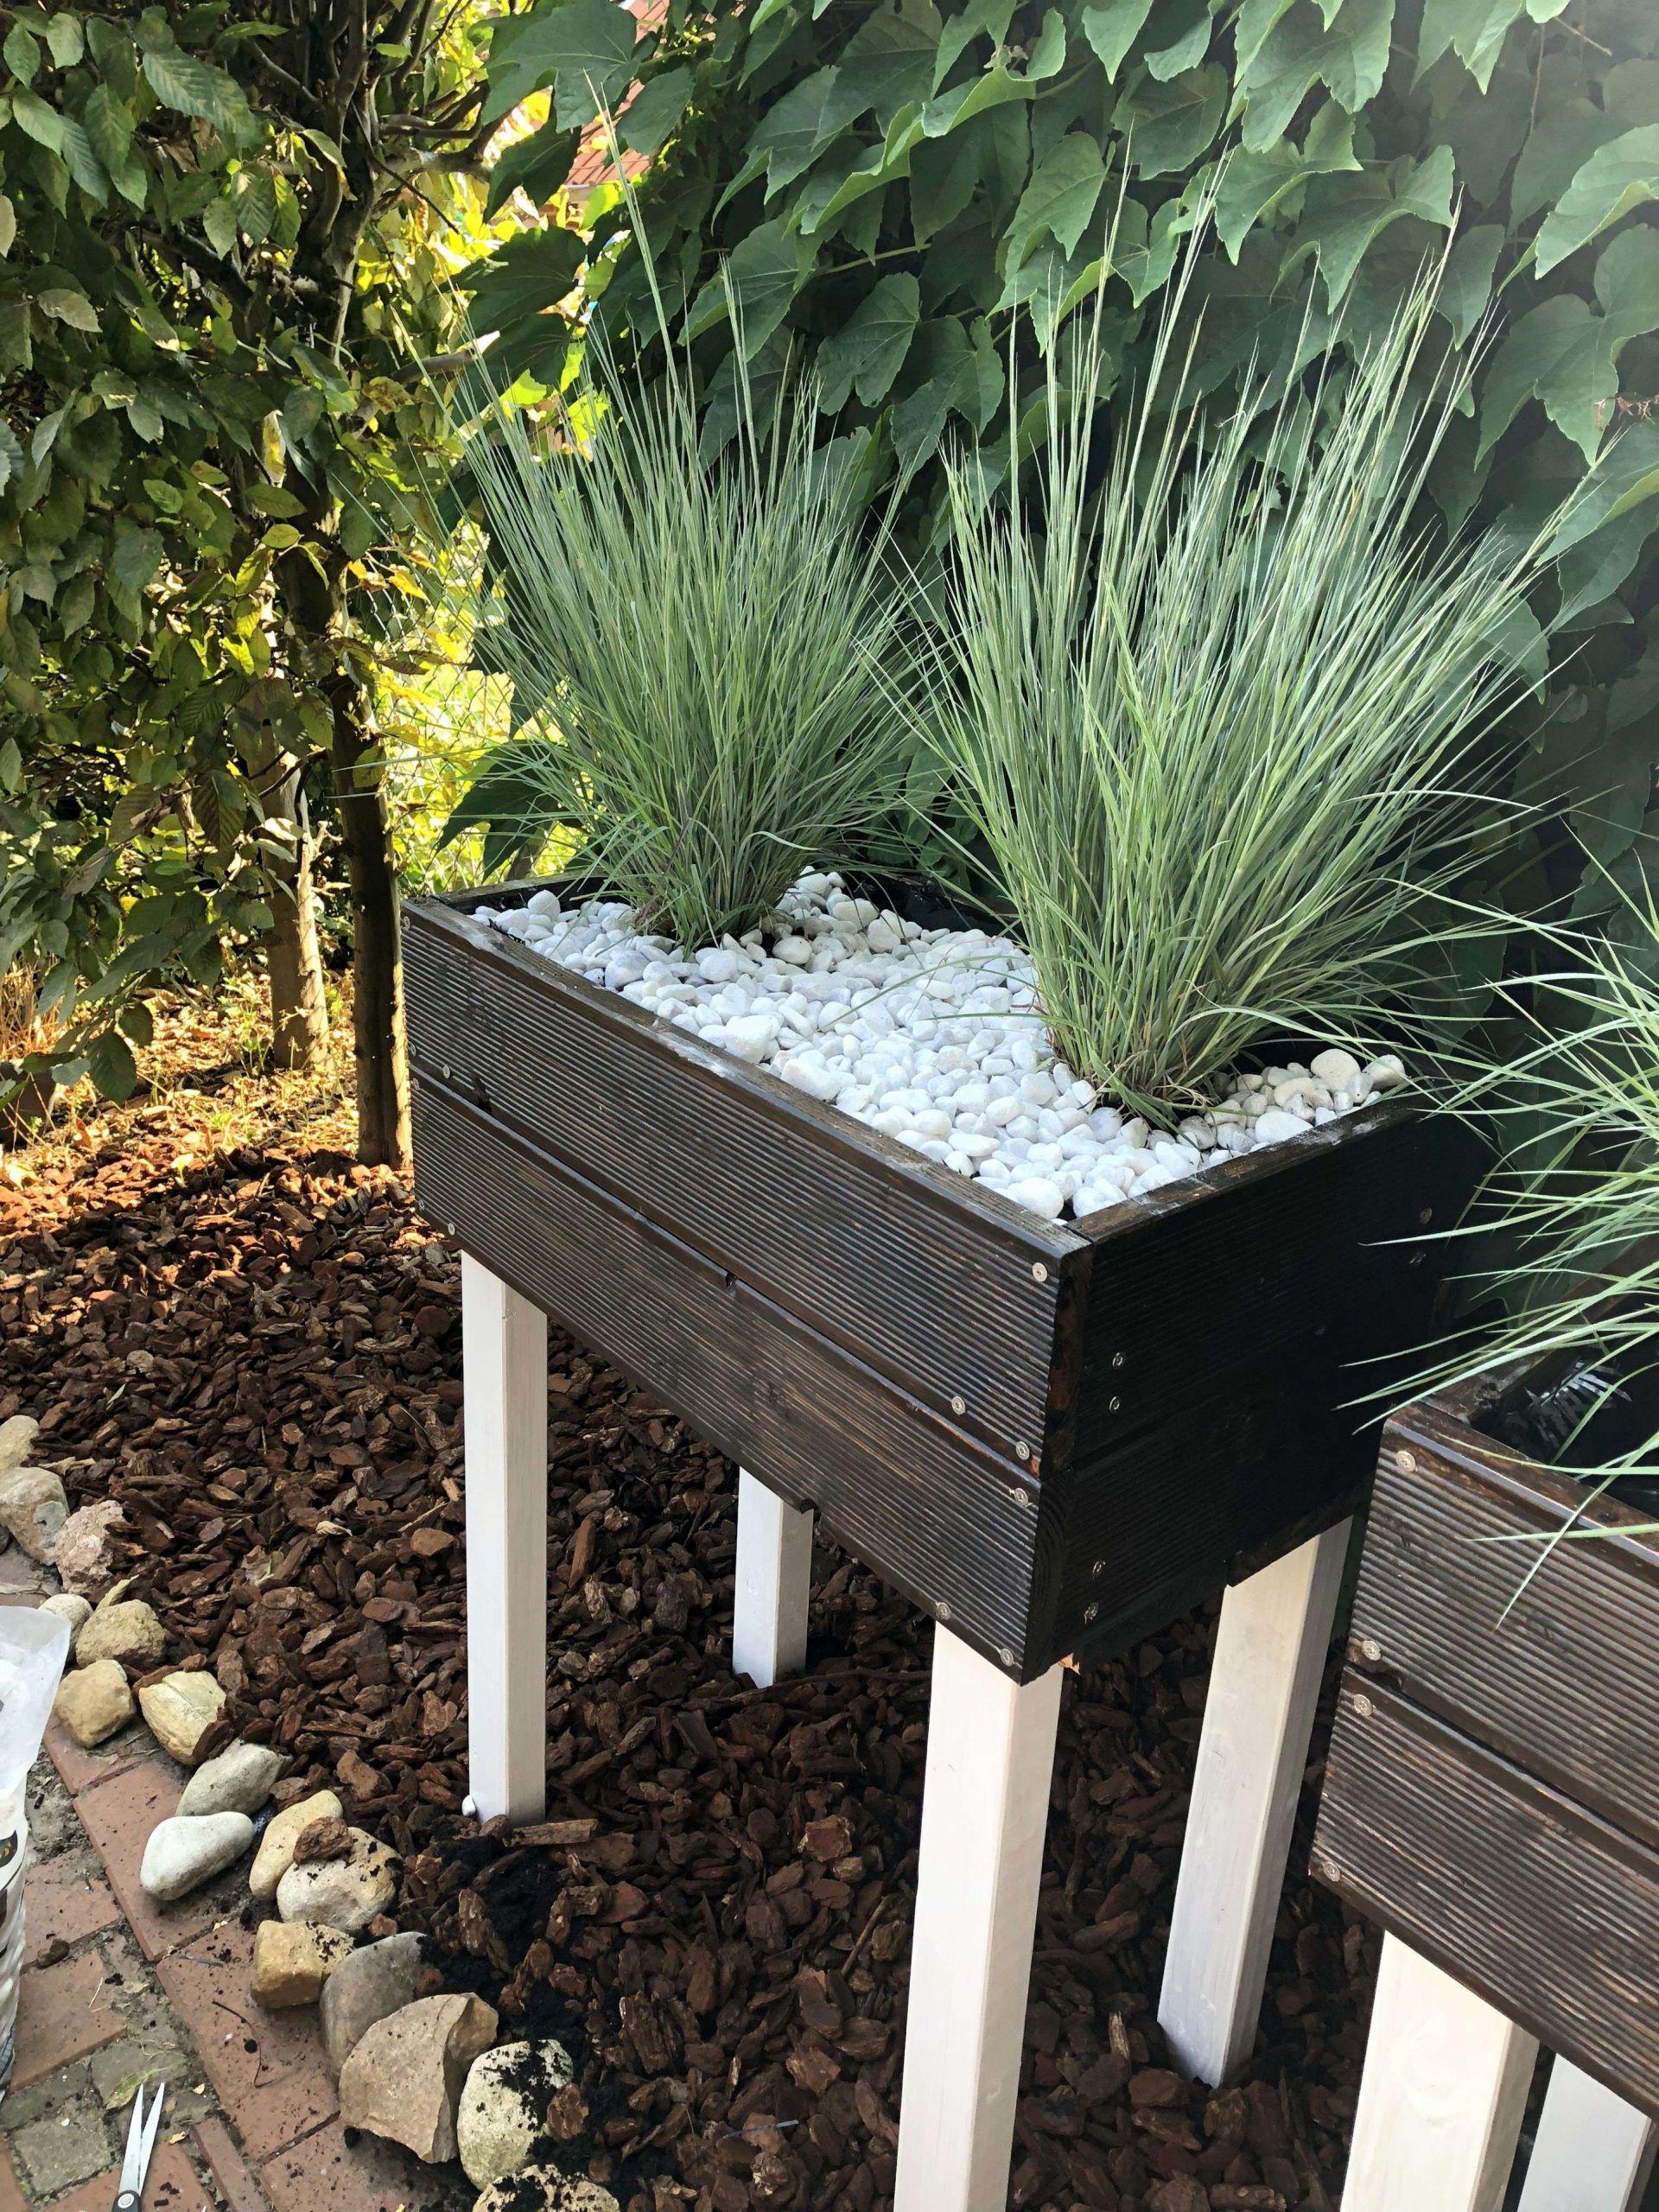 42 kollektion sichtschutz aus pflanzen bild pflanzen fur sichtschutz pflanzen fur sichtschutz